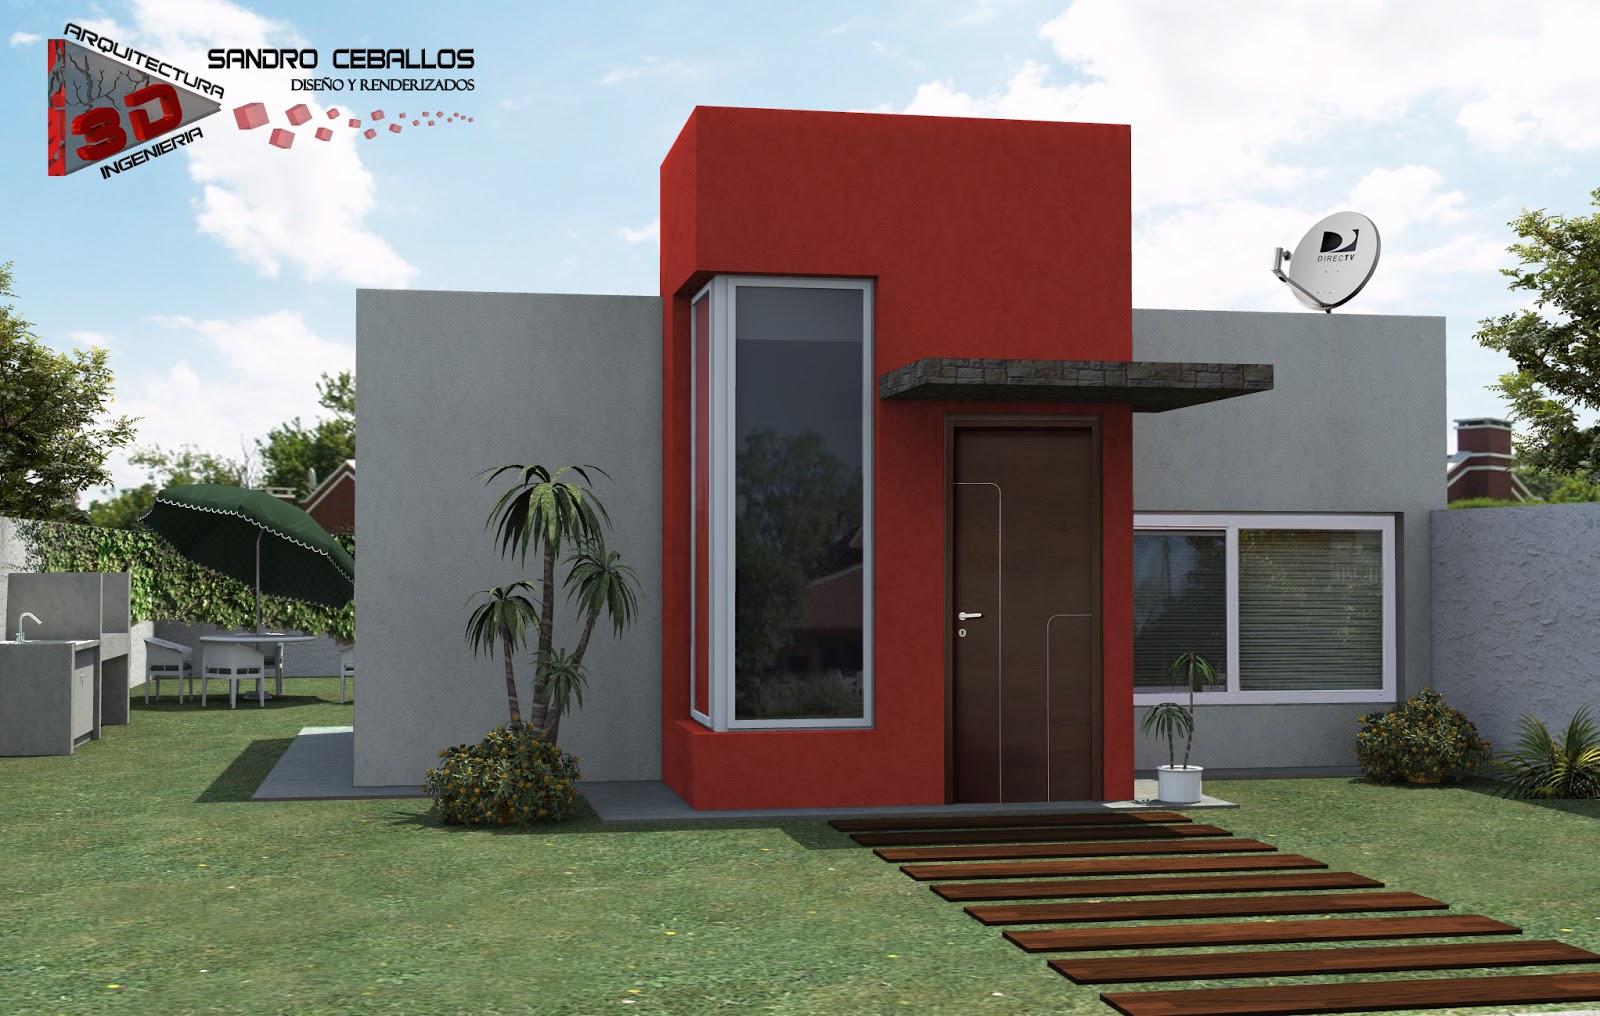 Renders y Diseu00f1os Arquitectura e Ingenieru00eda : Imu00e1genes Renderizadas